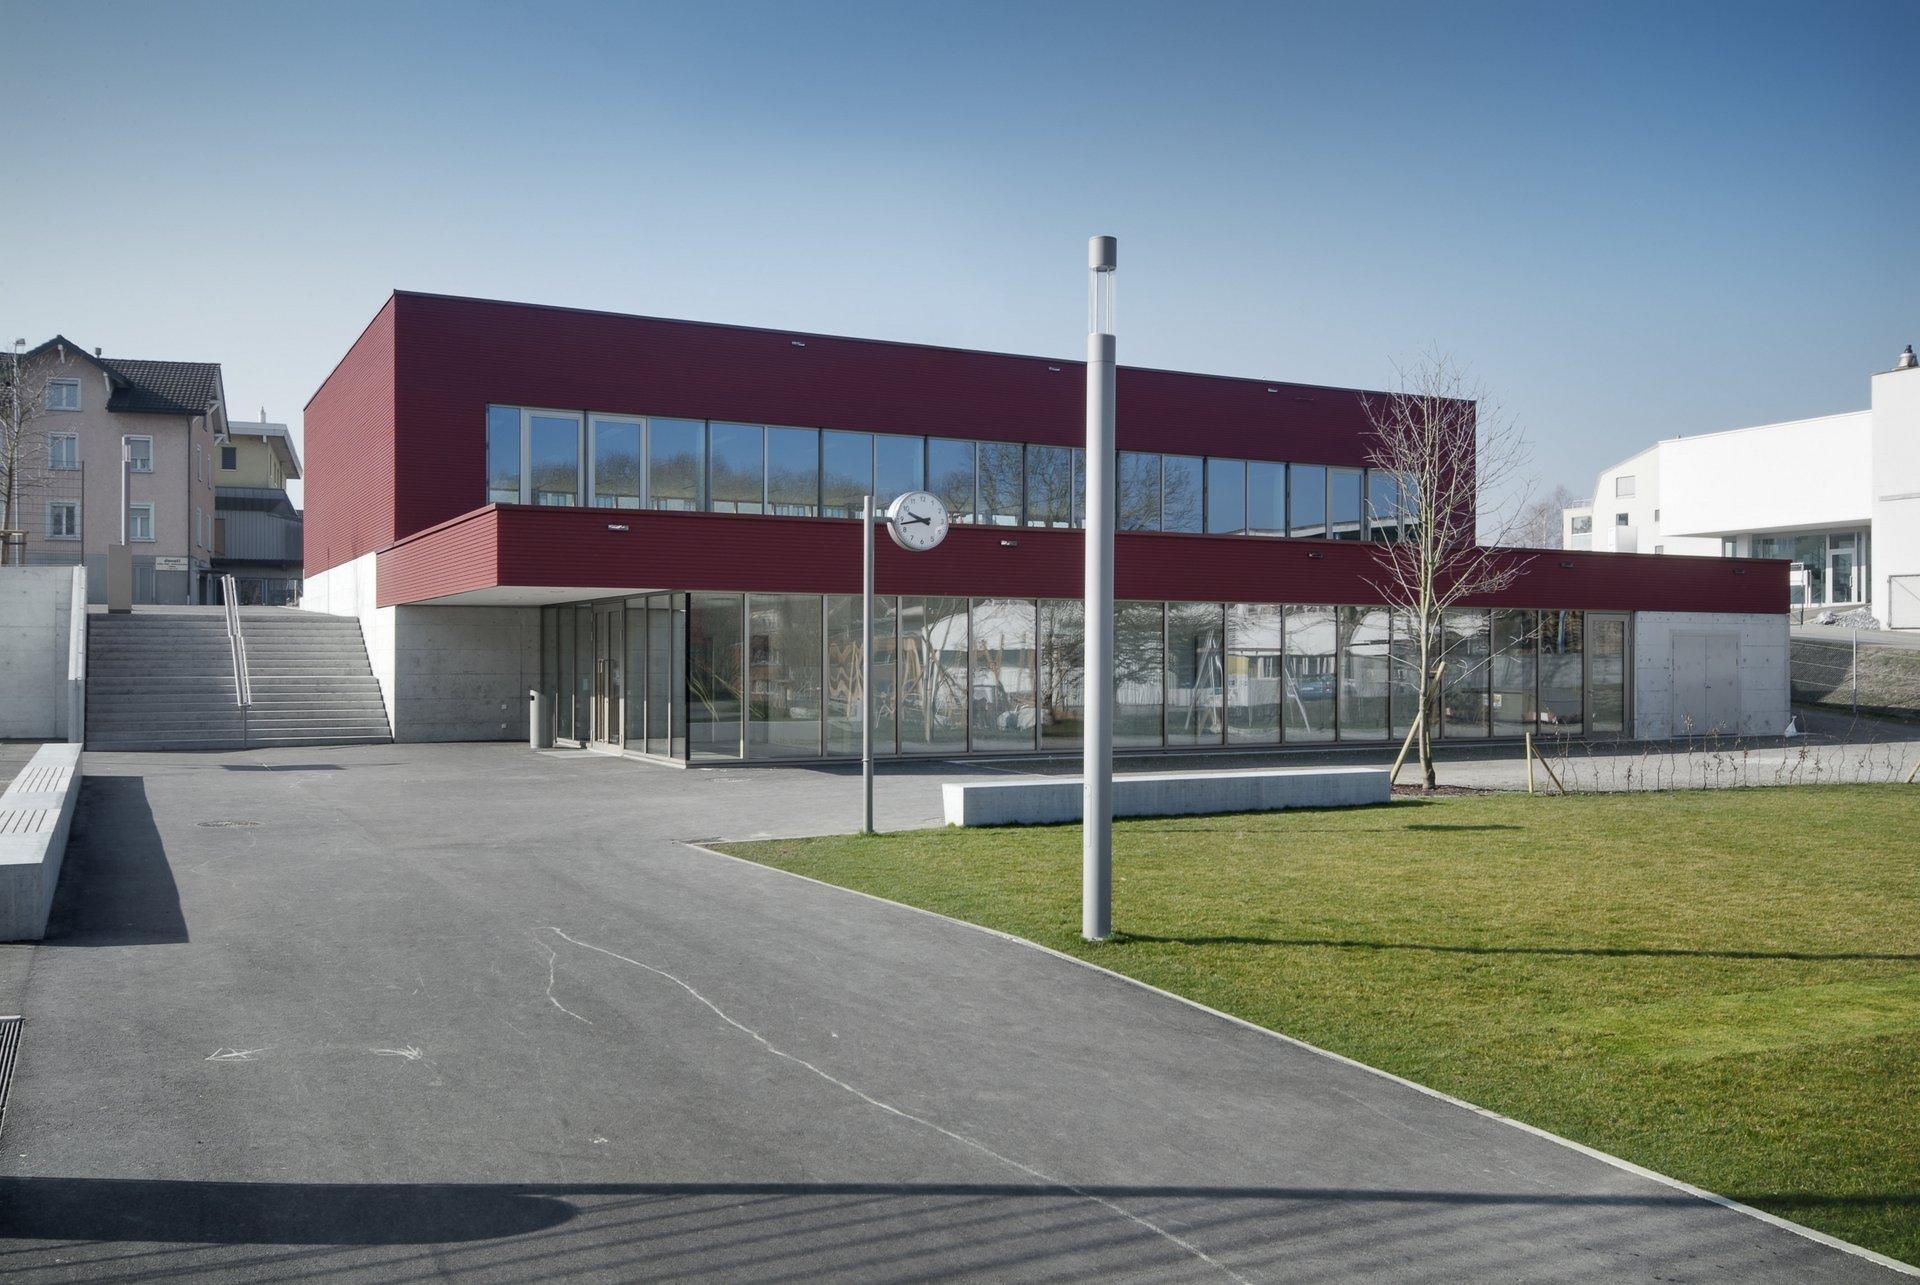 1 Stöckiges Schulhaus mit grosszügigen Fenstern